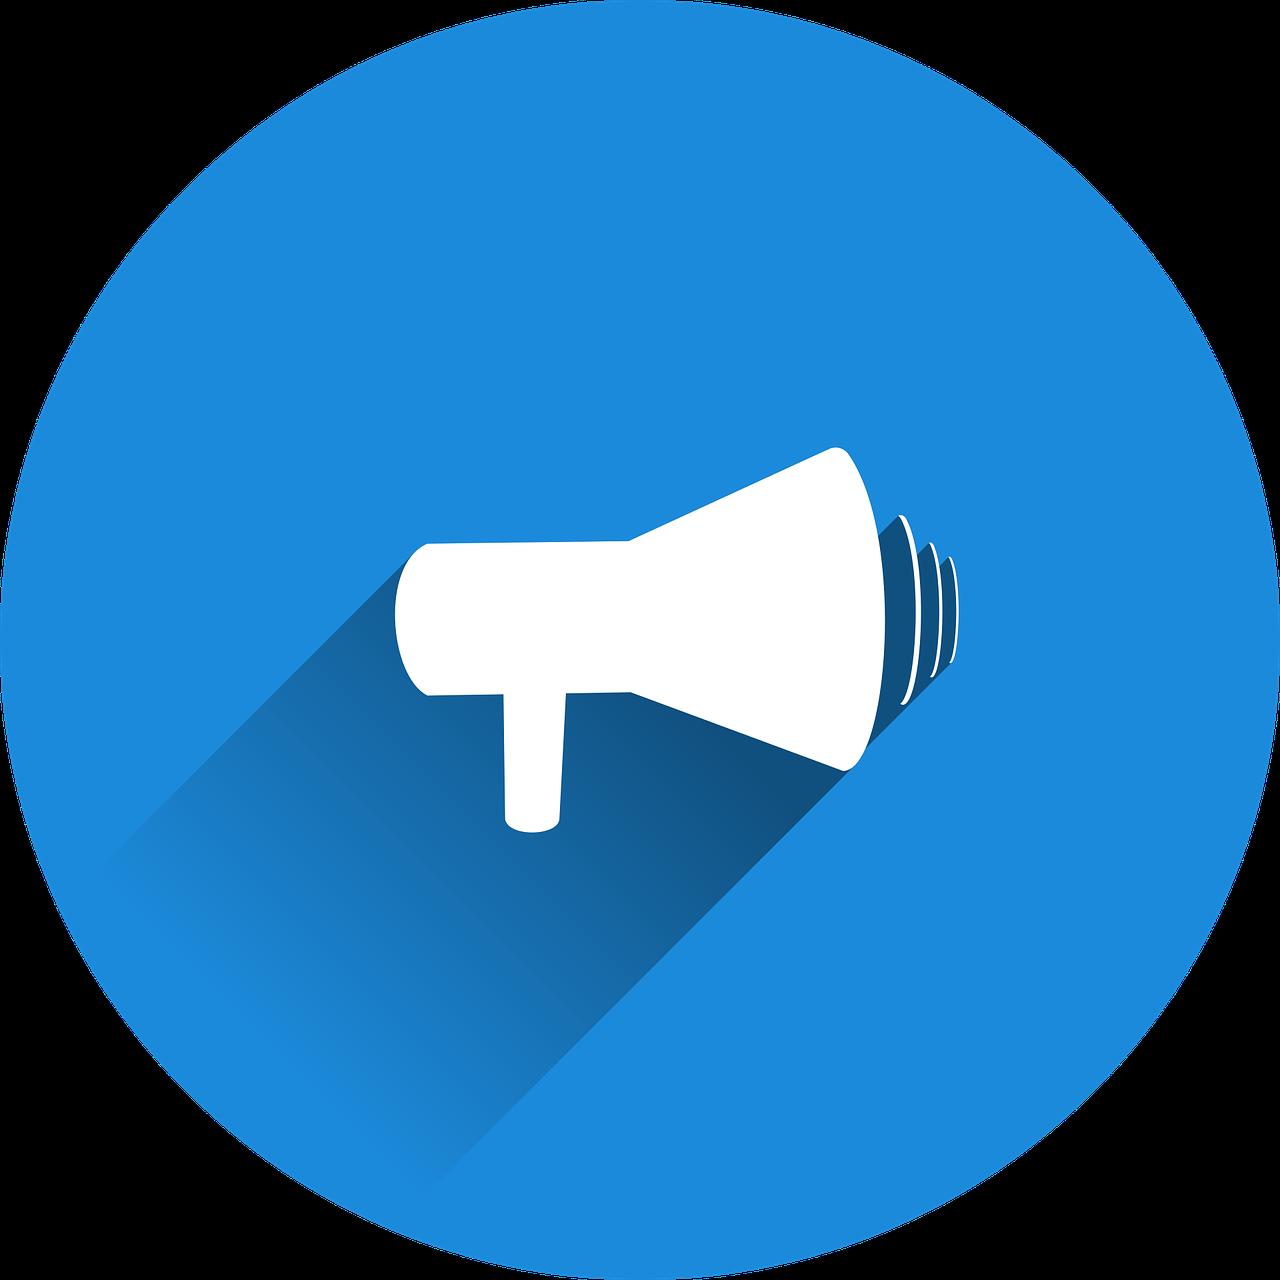 Attività amministrative: avviso a tutti gli utenti